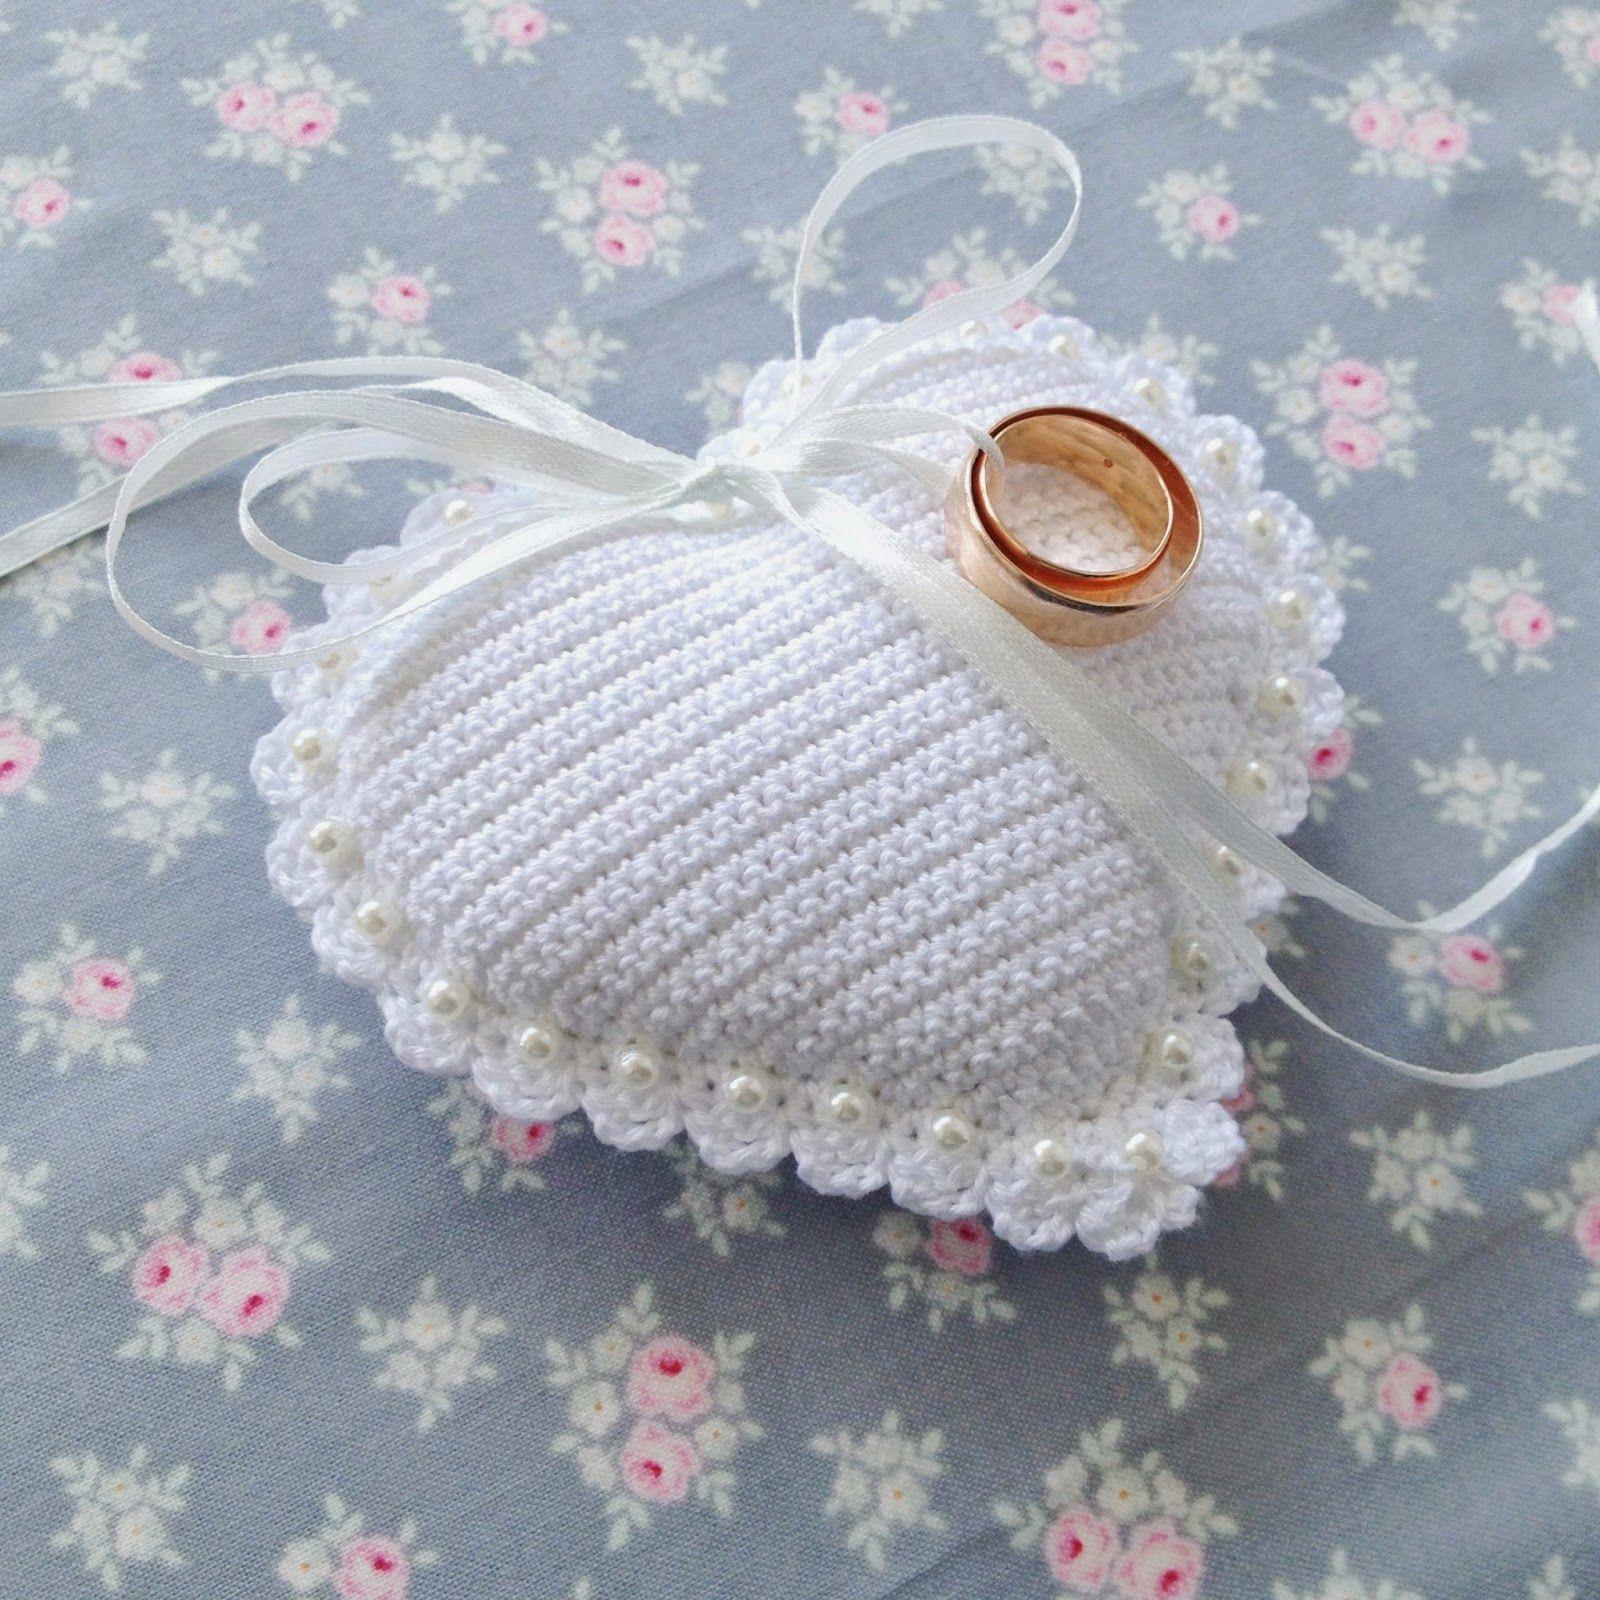 подушечка для колец вязаная крючком - Поиск в Google   Для свадьбы ...